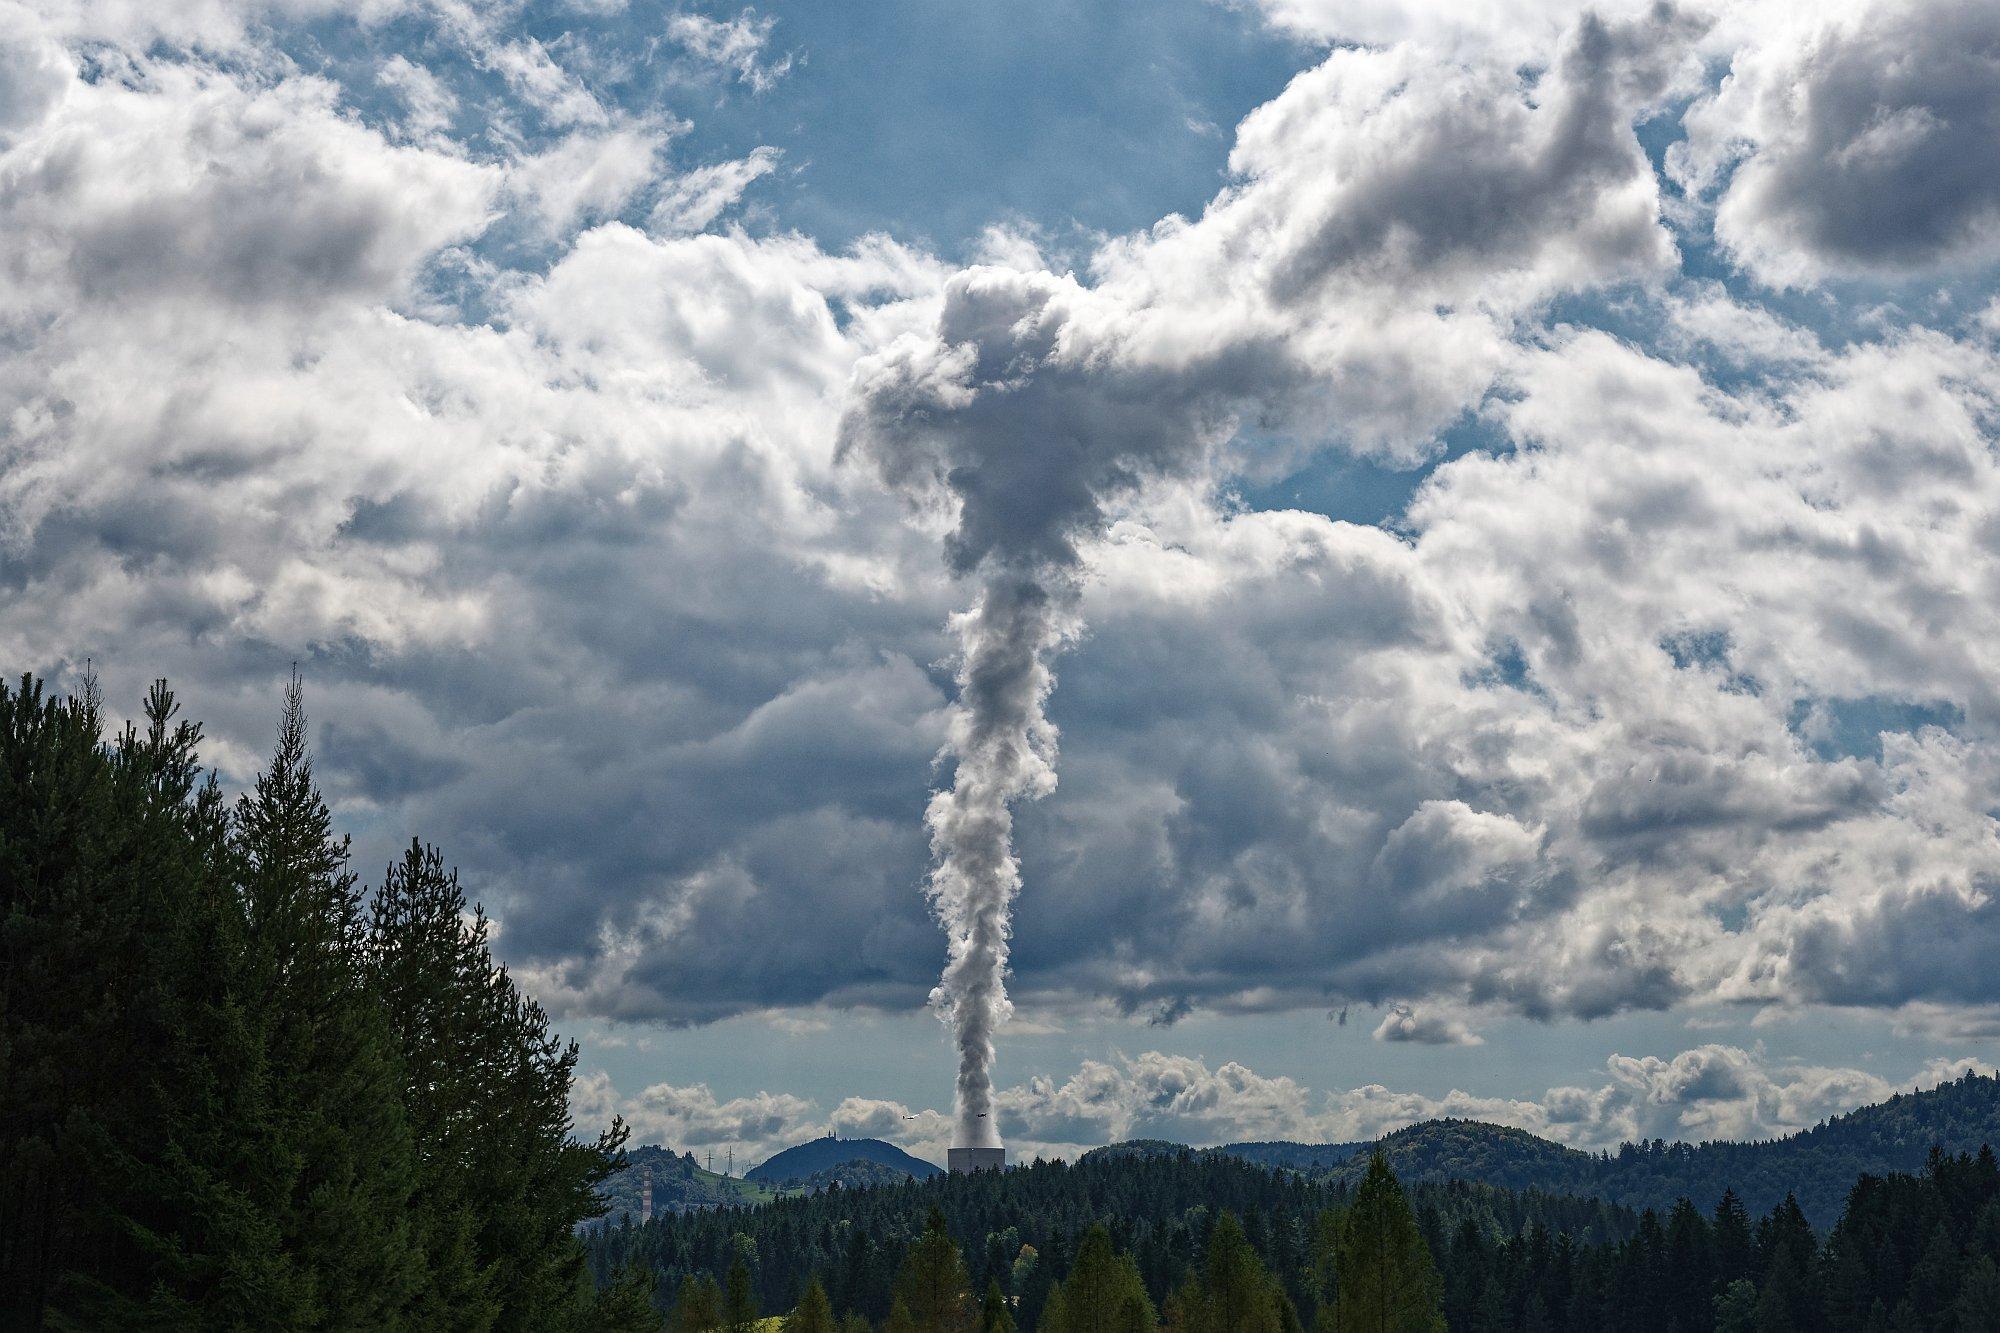 wolkengenerator in slowenien 2020-09-08